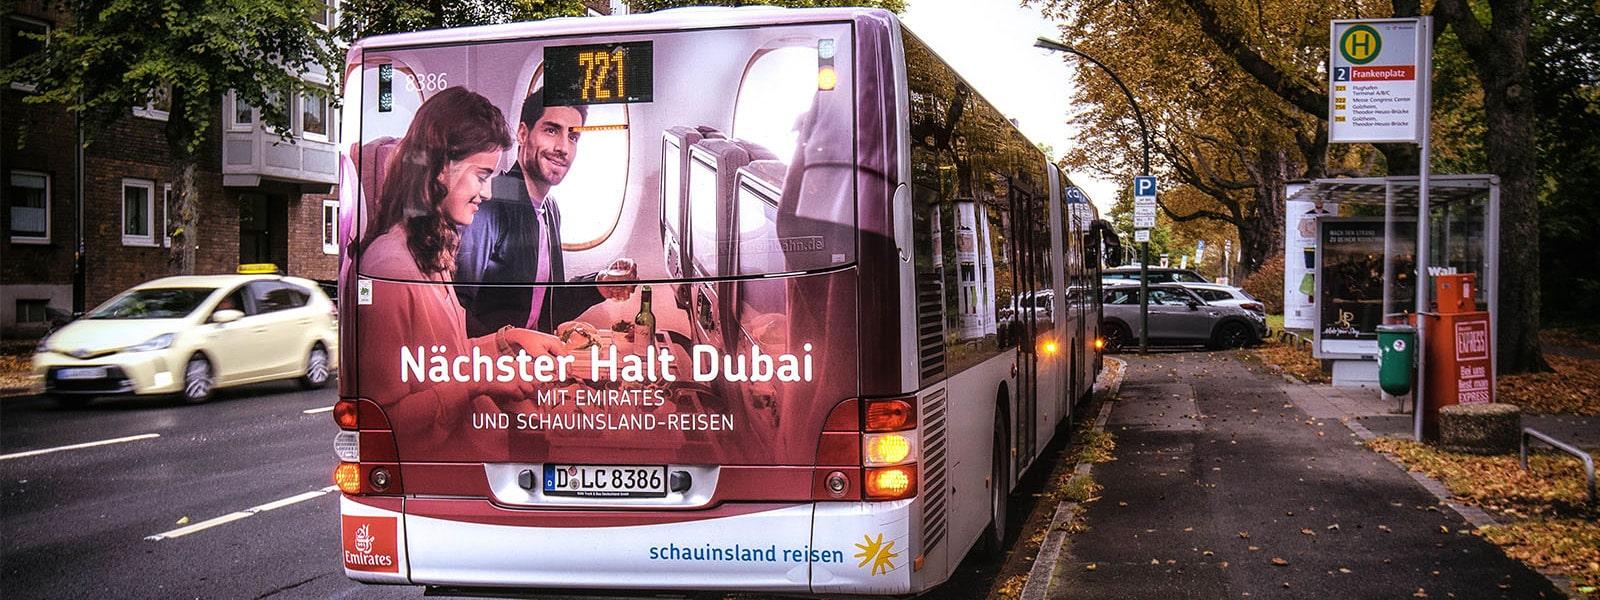 Hamburg-Verkehrsmittelwerbung-Bus-Heckflaechenwerbung